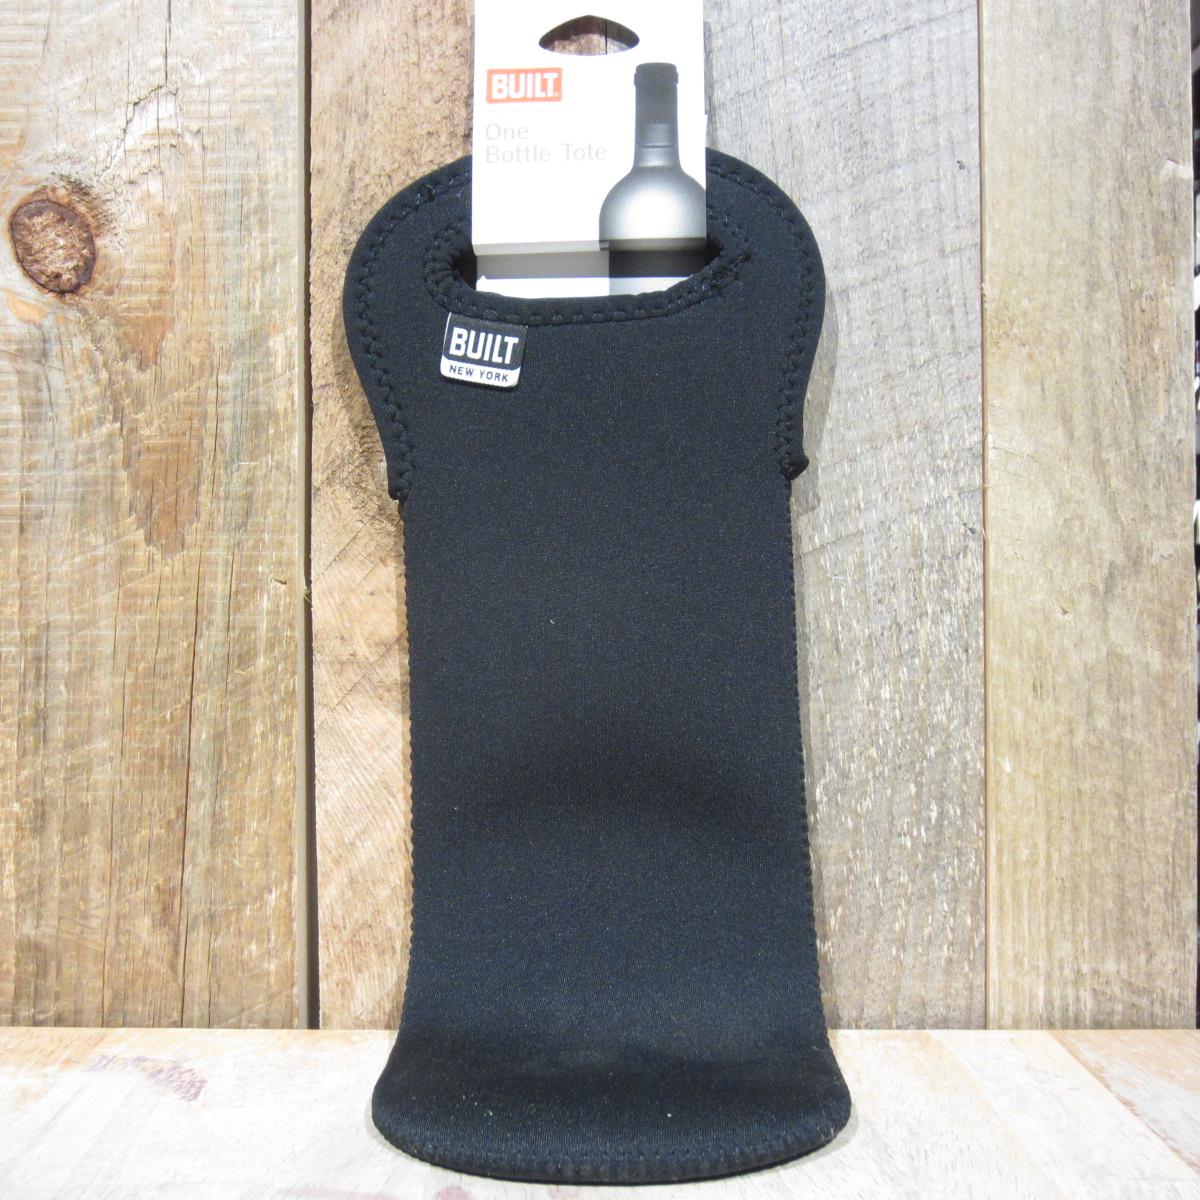 Black Neoprene Built 1 Bottle Tote